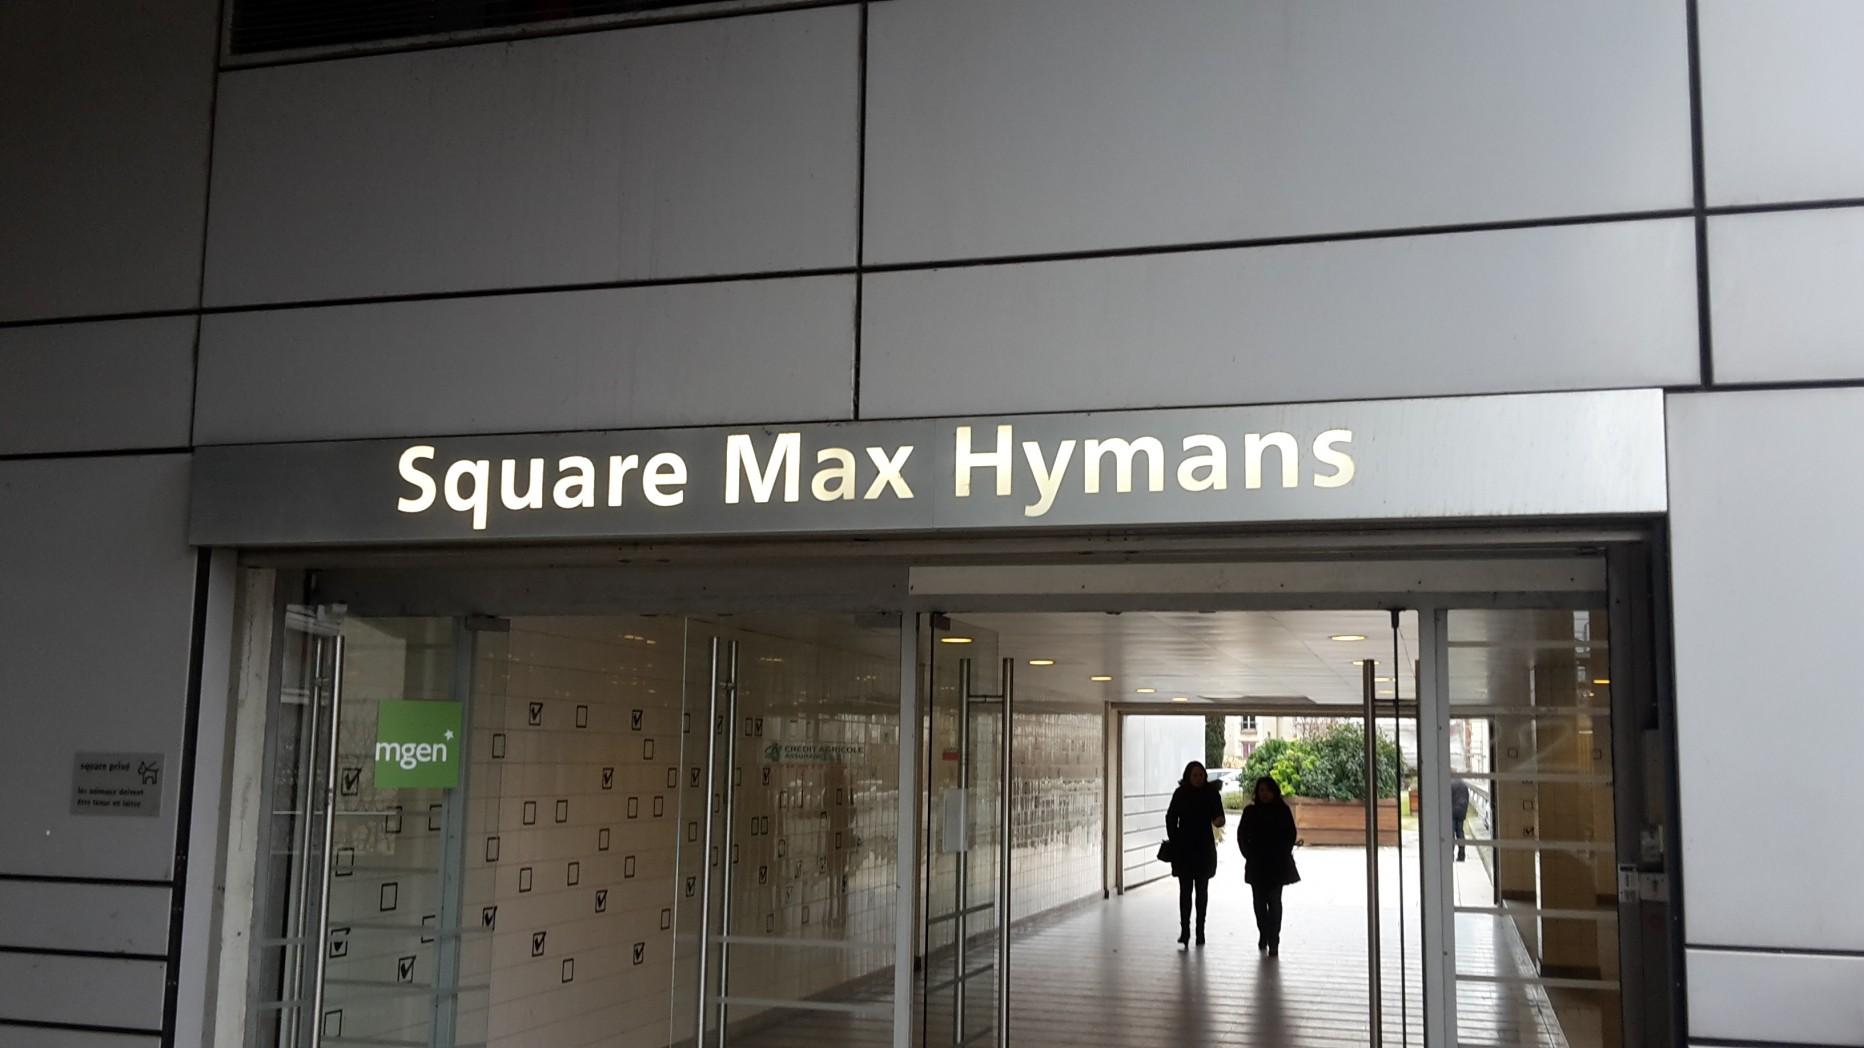 square max hymans paris en m tro. Black Bedroom Furniture Sets. Home Design Ideas